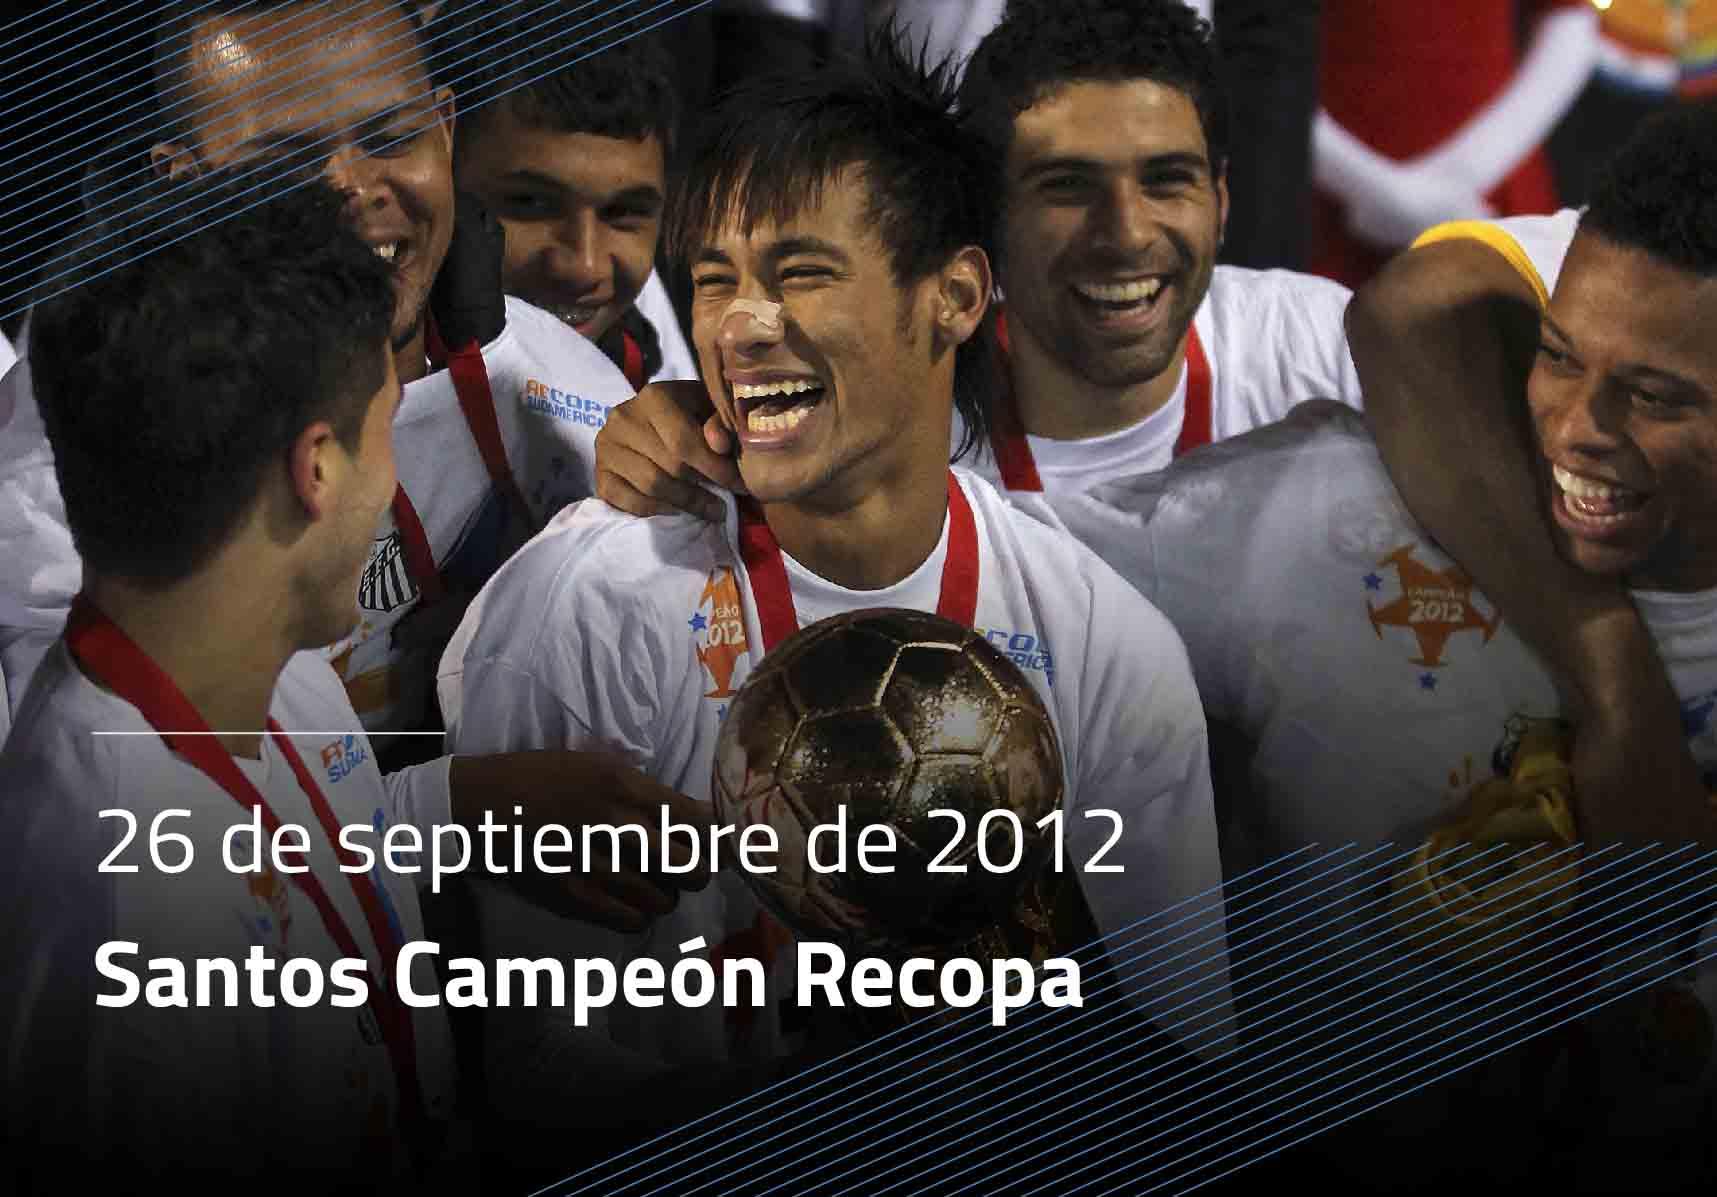 Santos Campeón Recopa